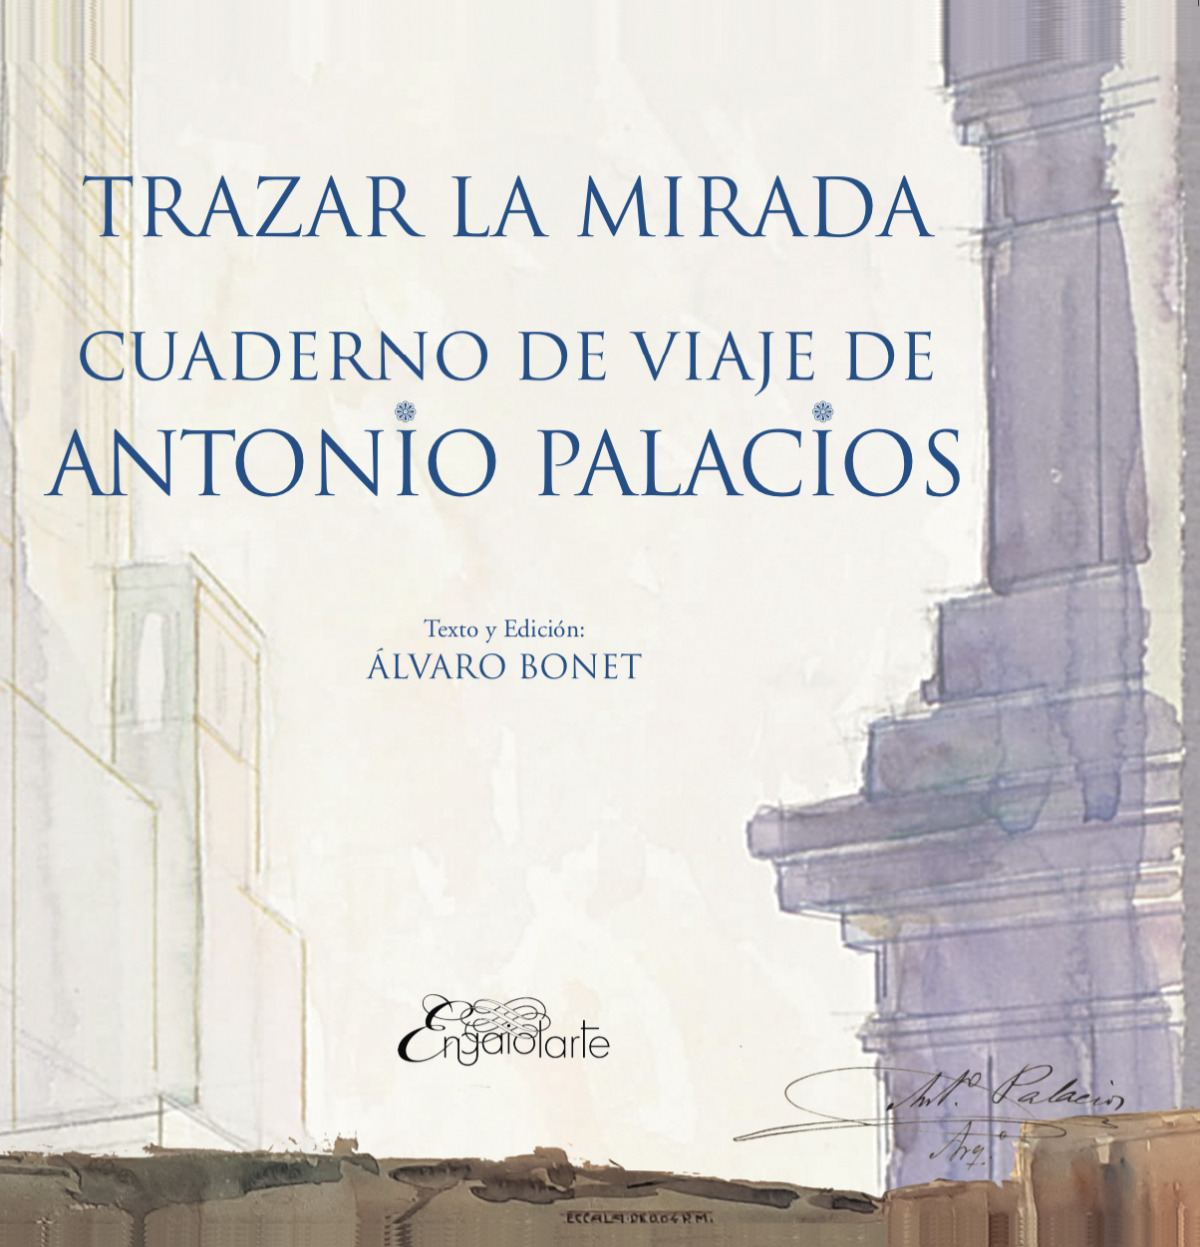 Trazar la mirada:cuaderno de viaje de antonio palacios